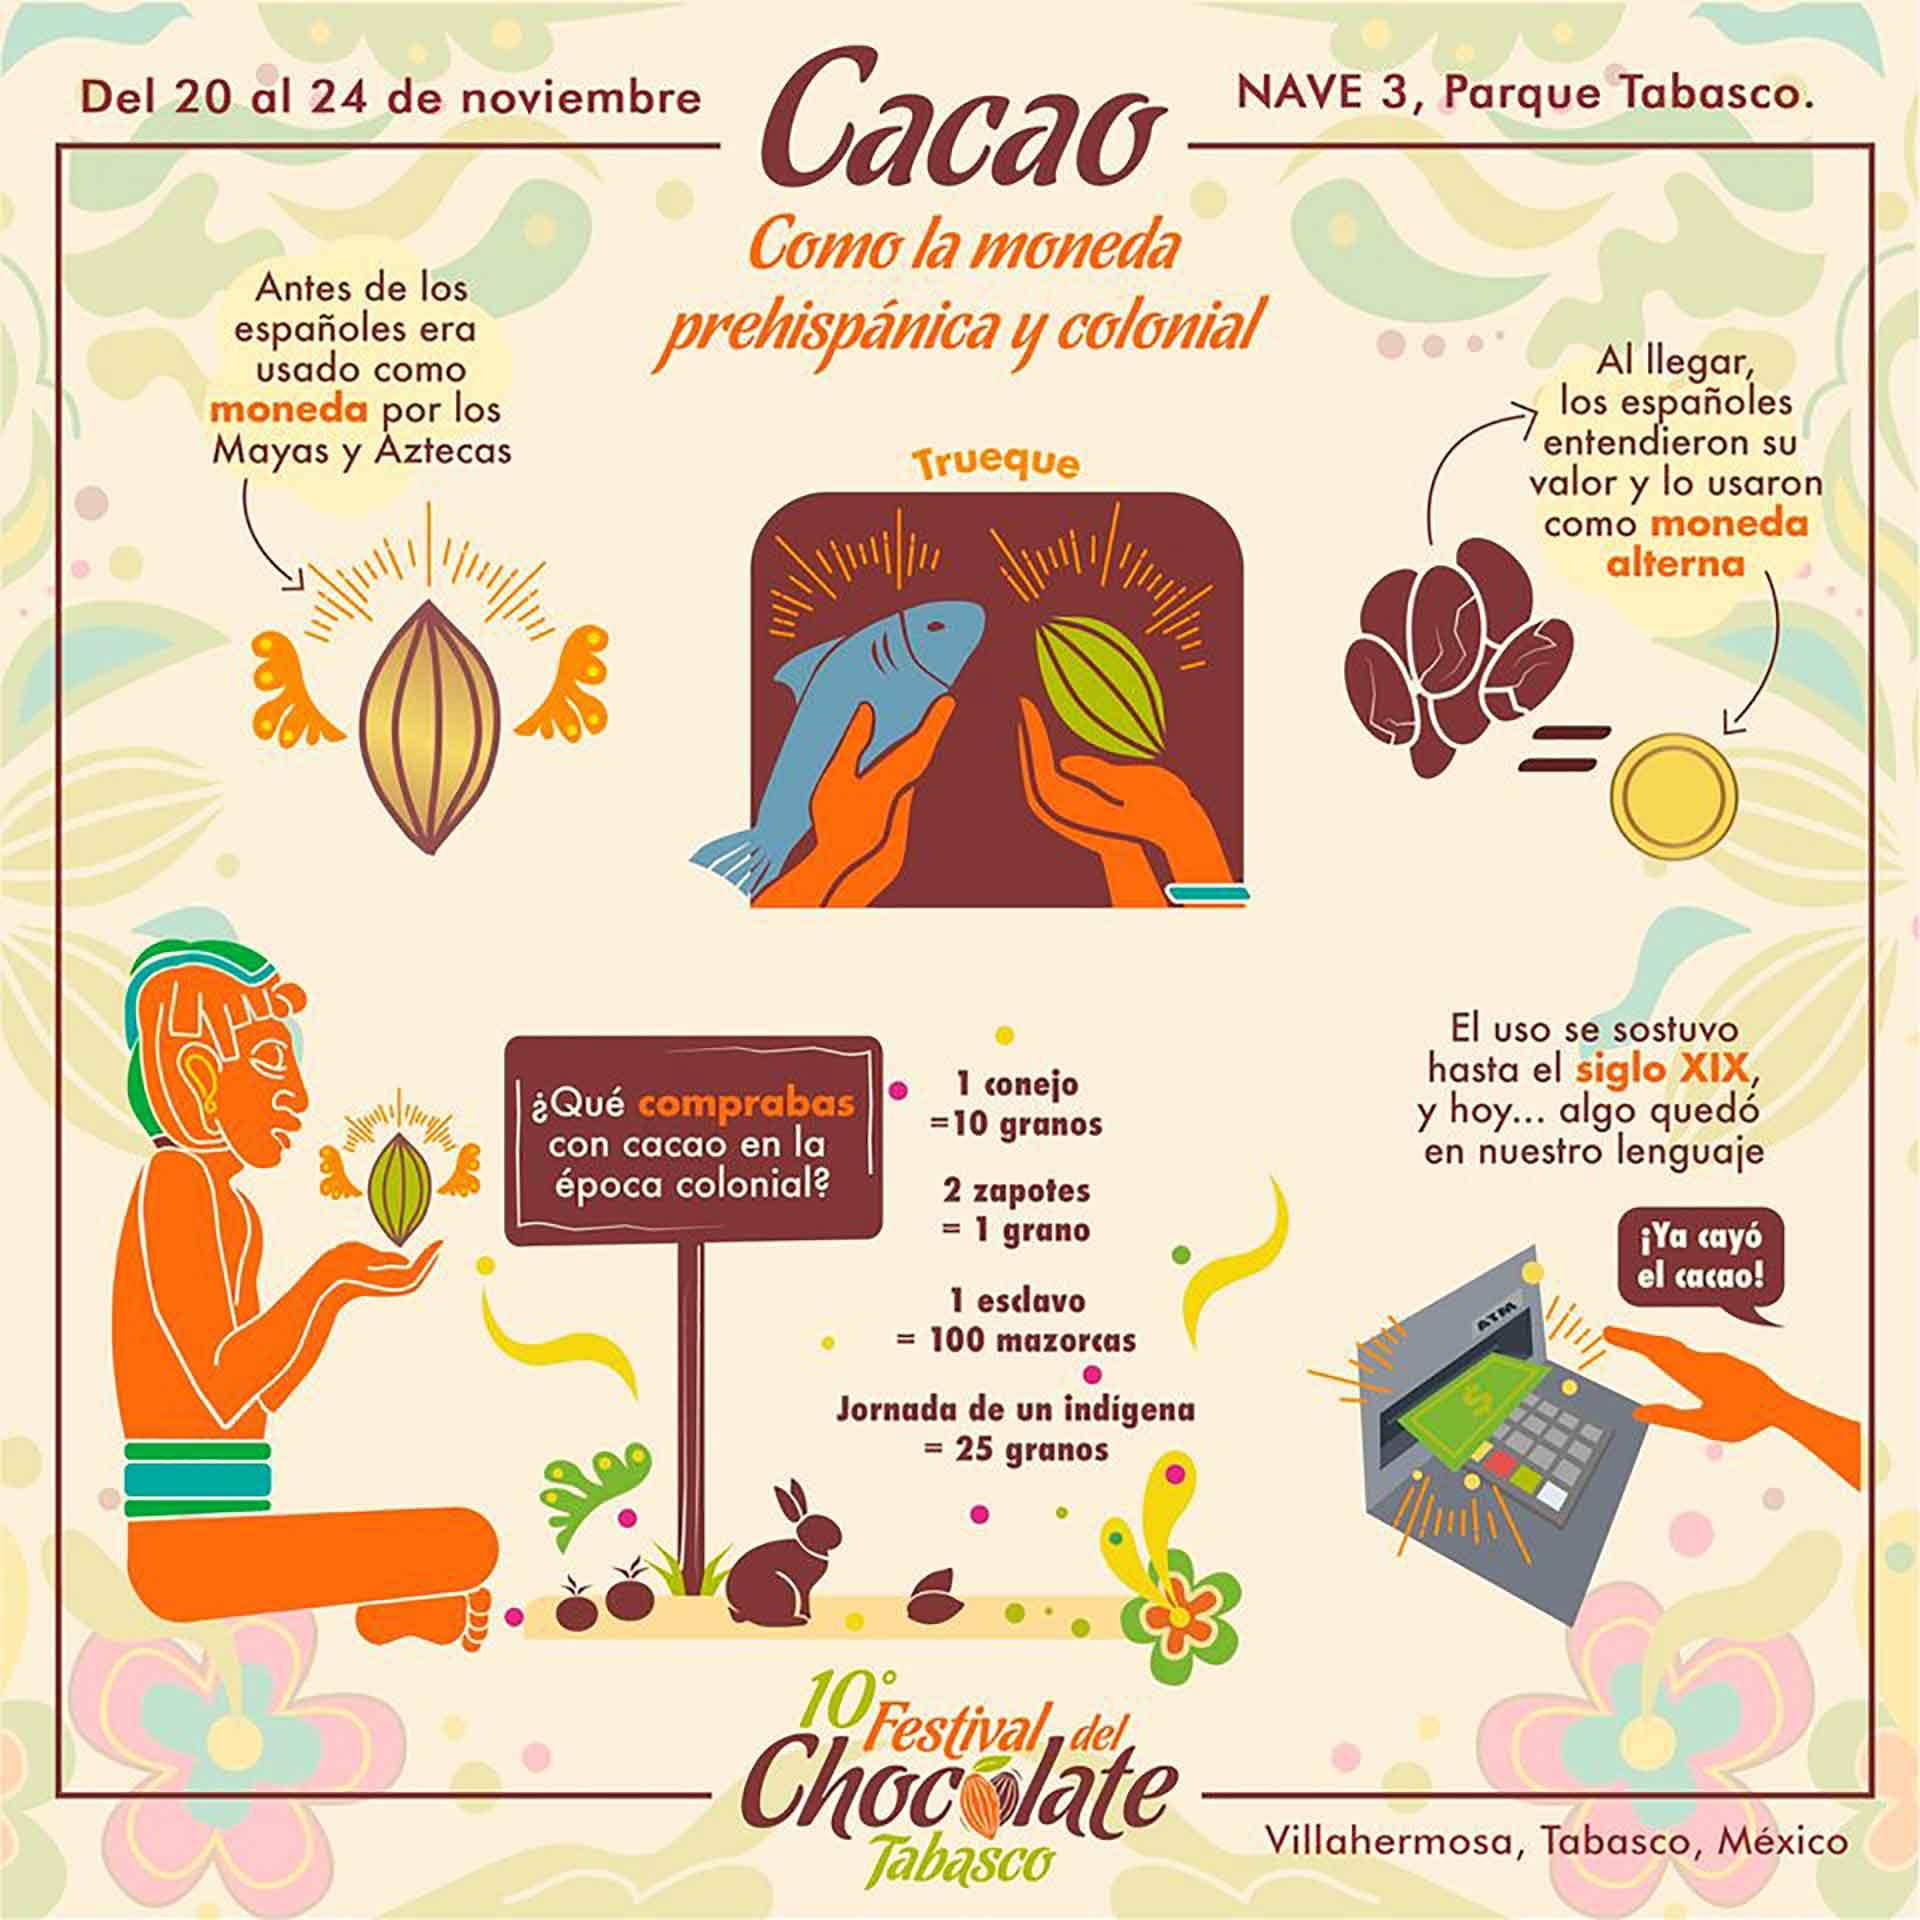 Festival del Chocolate